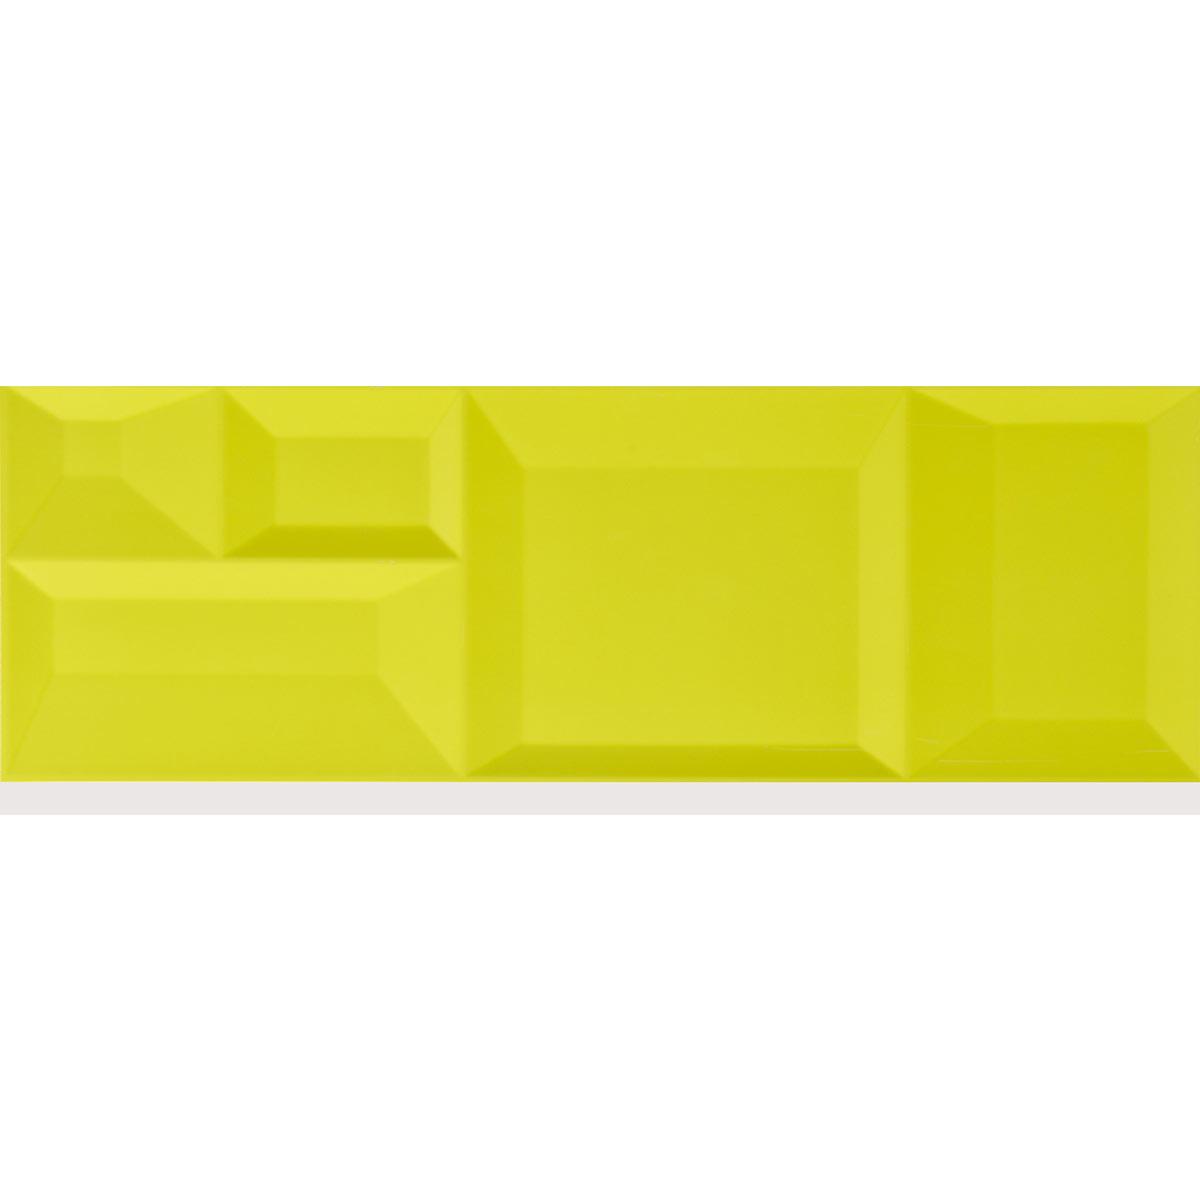 D00252 NORDIC LIME CAPTURE